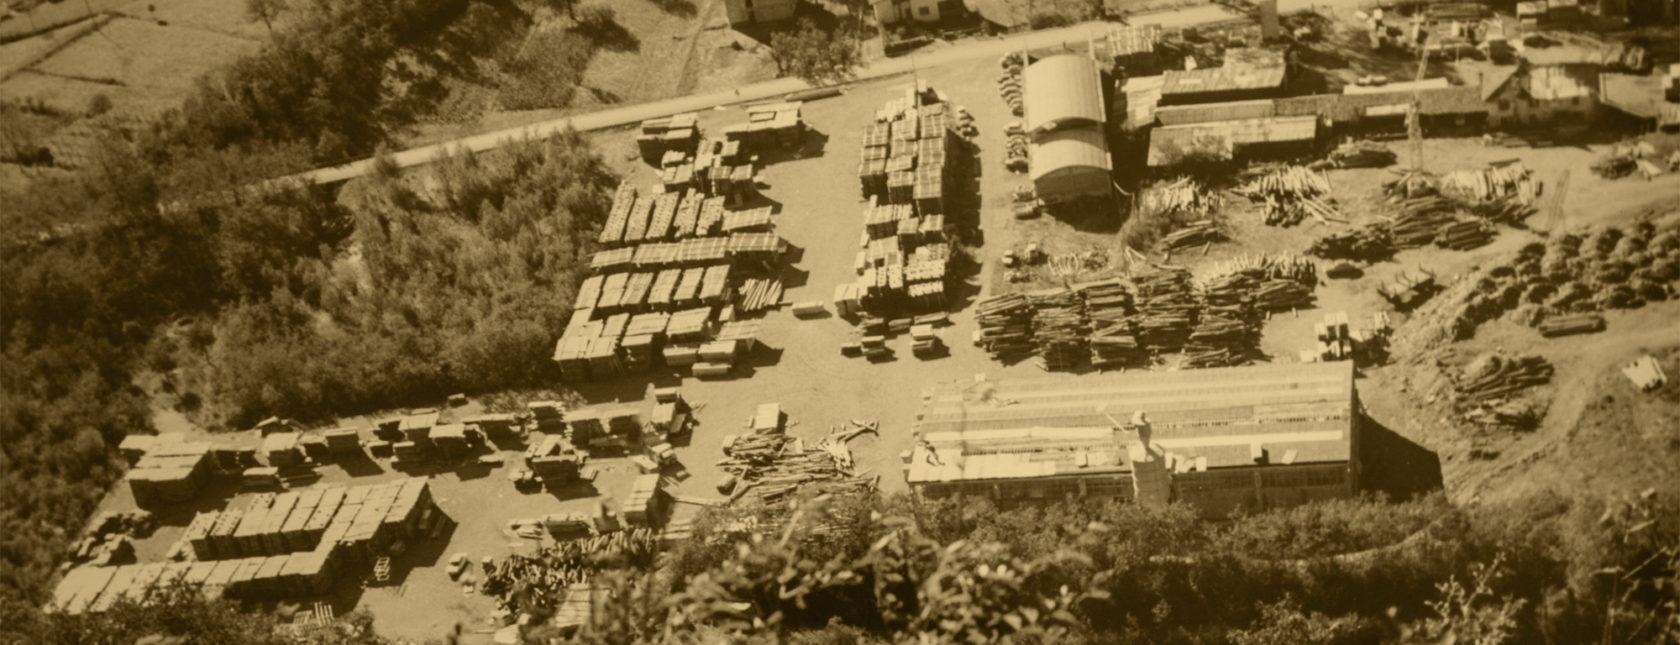 Foto aerea storica Bordiga Legnami